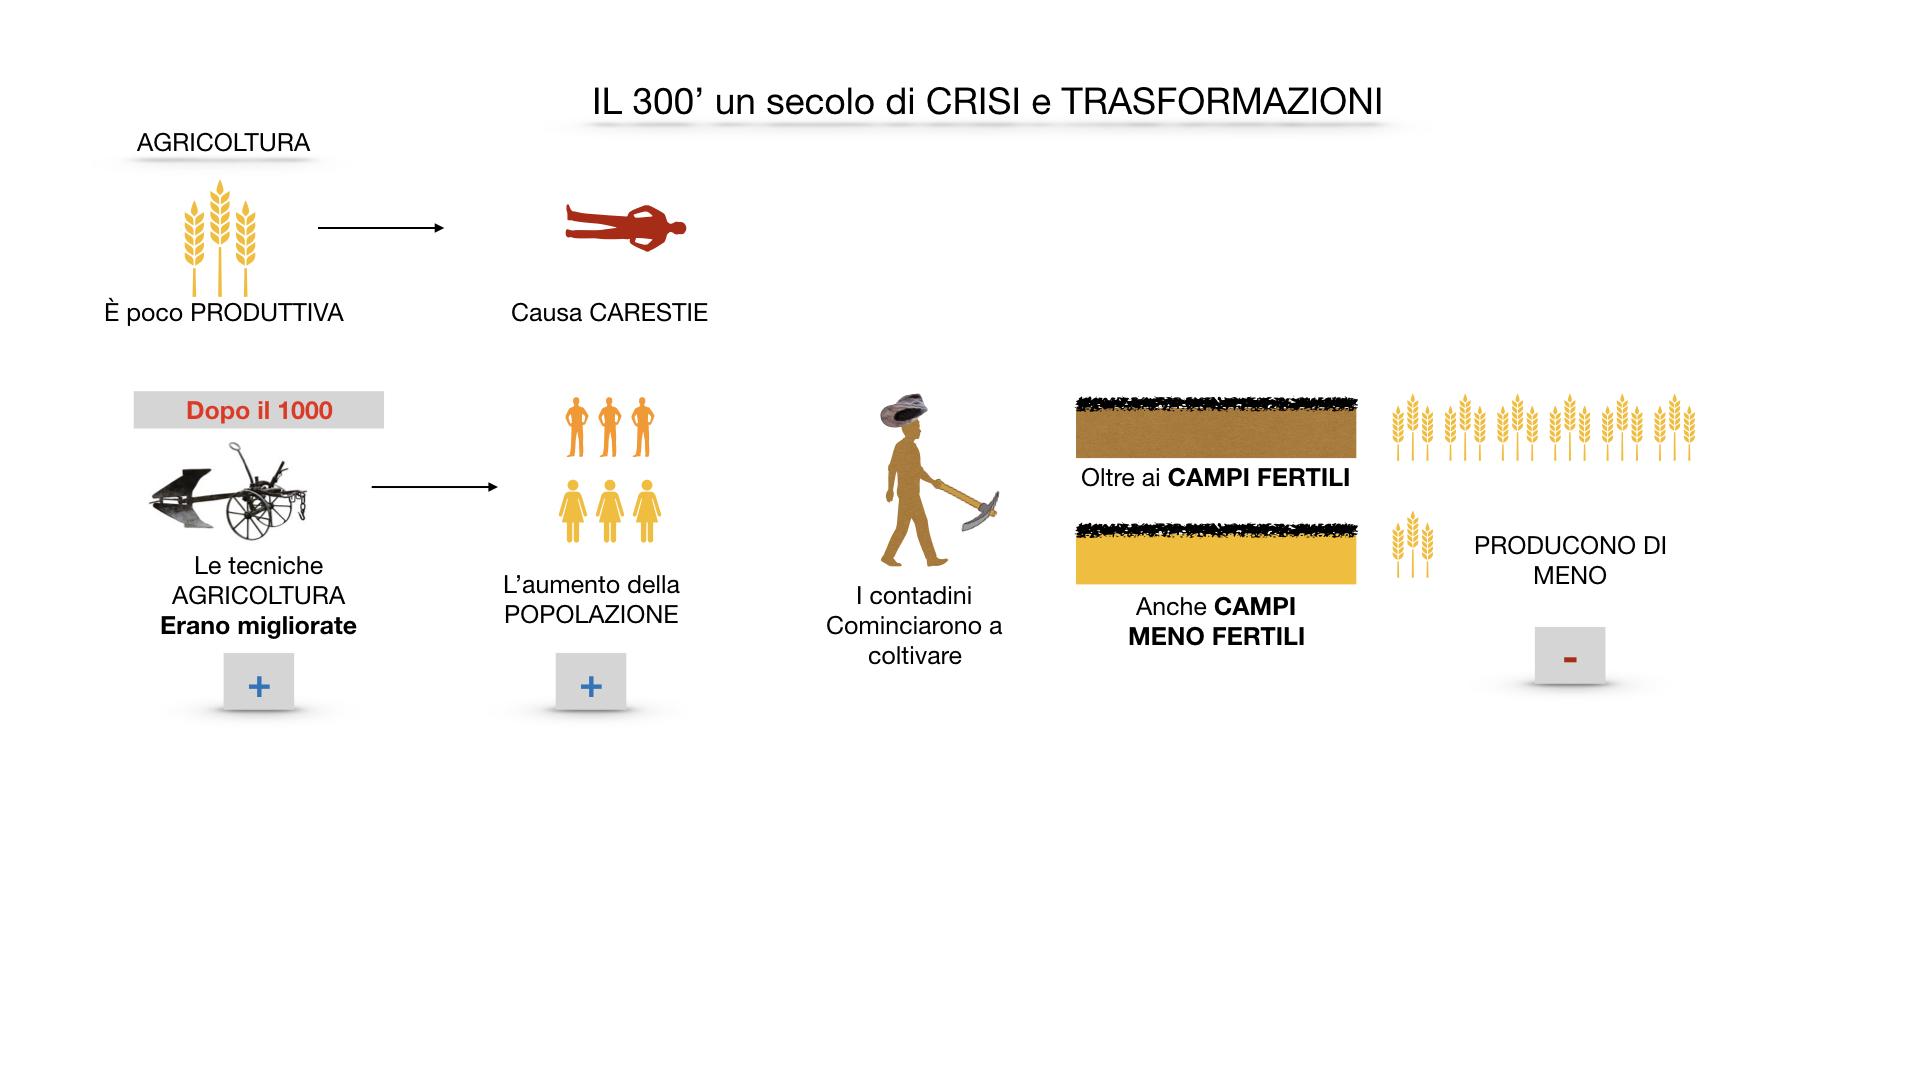 il 300 crisi e trasformazioni_ SIMULAZIONE.011